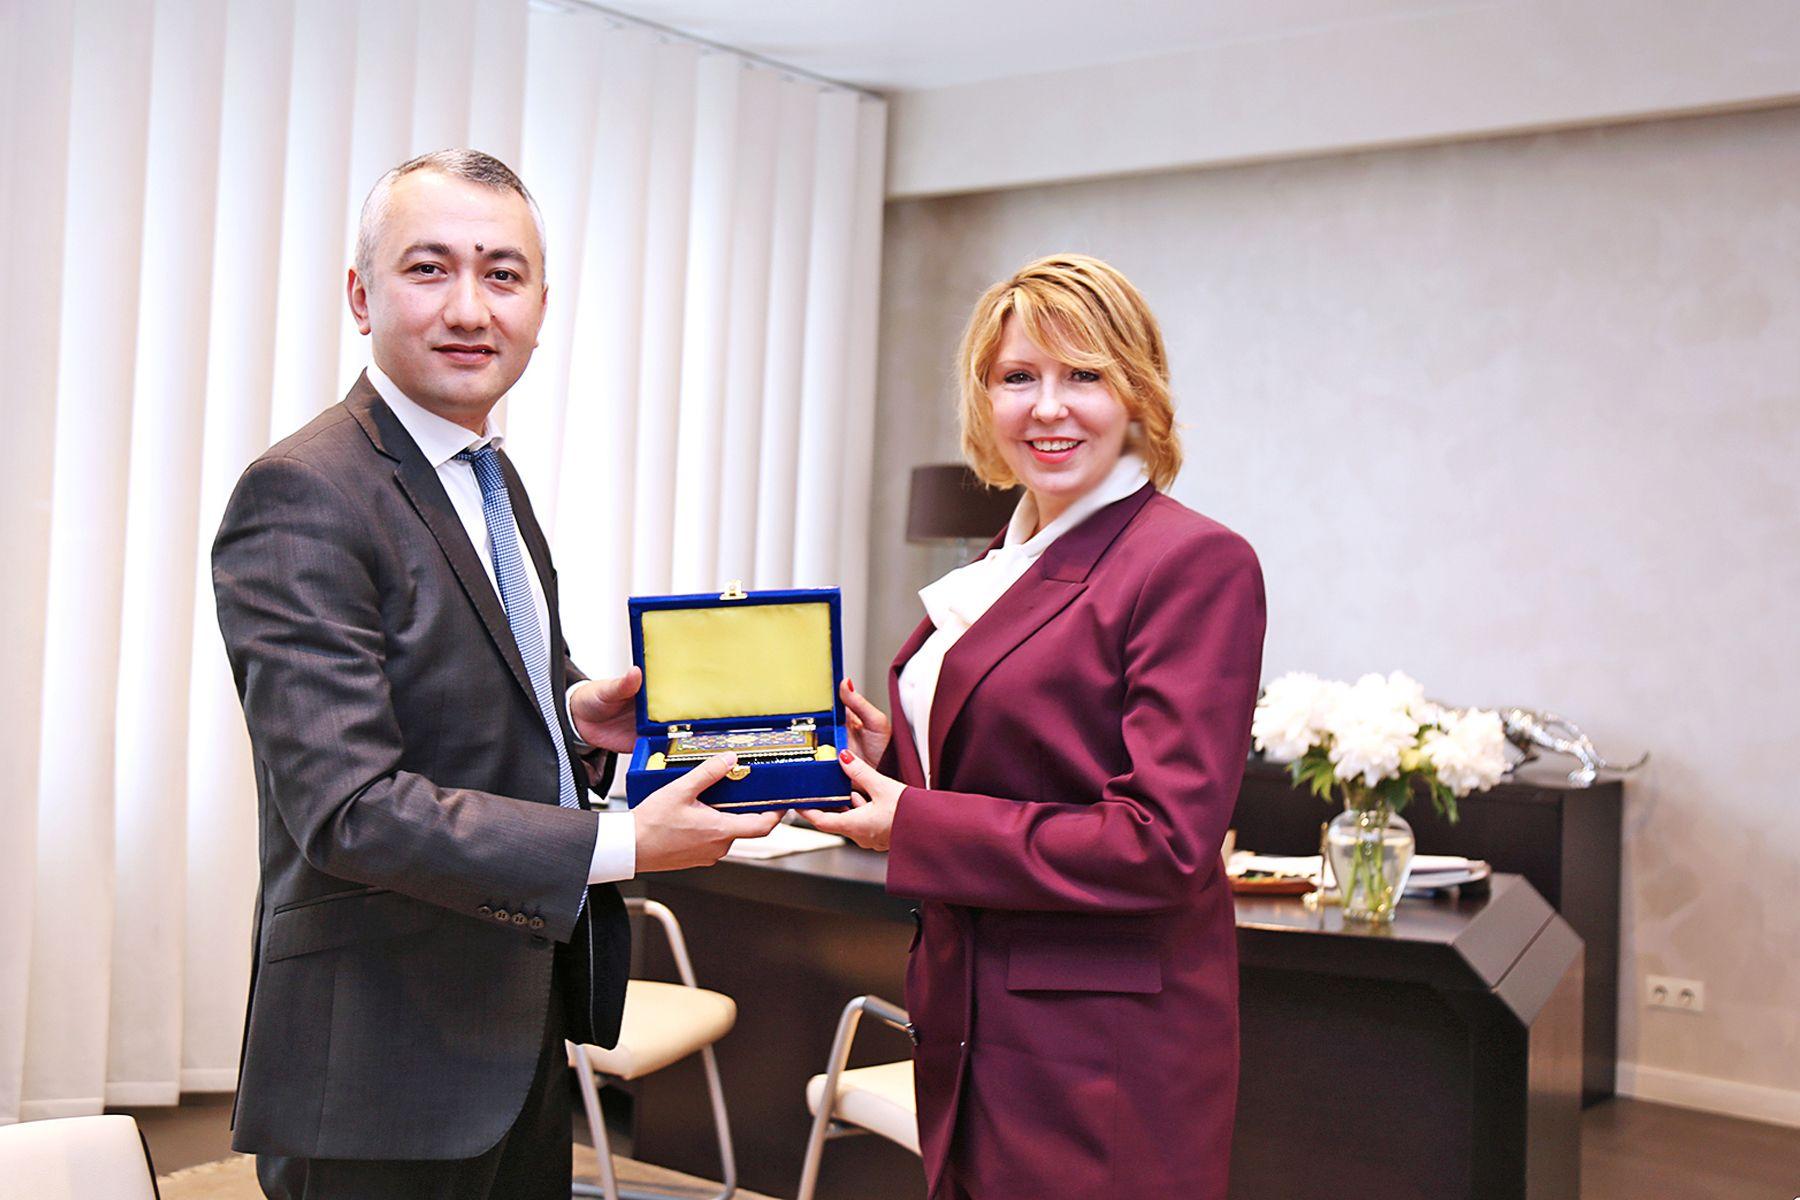 Генеральный консул Узбекистана Рустам Исмаилов: «Мы заинтересованы в прочных дружественных отношениях и сотрудничестве со ВГУЭС»